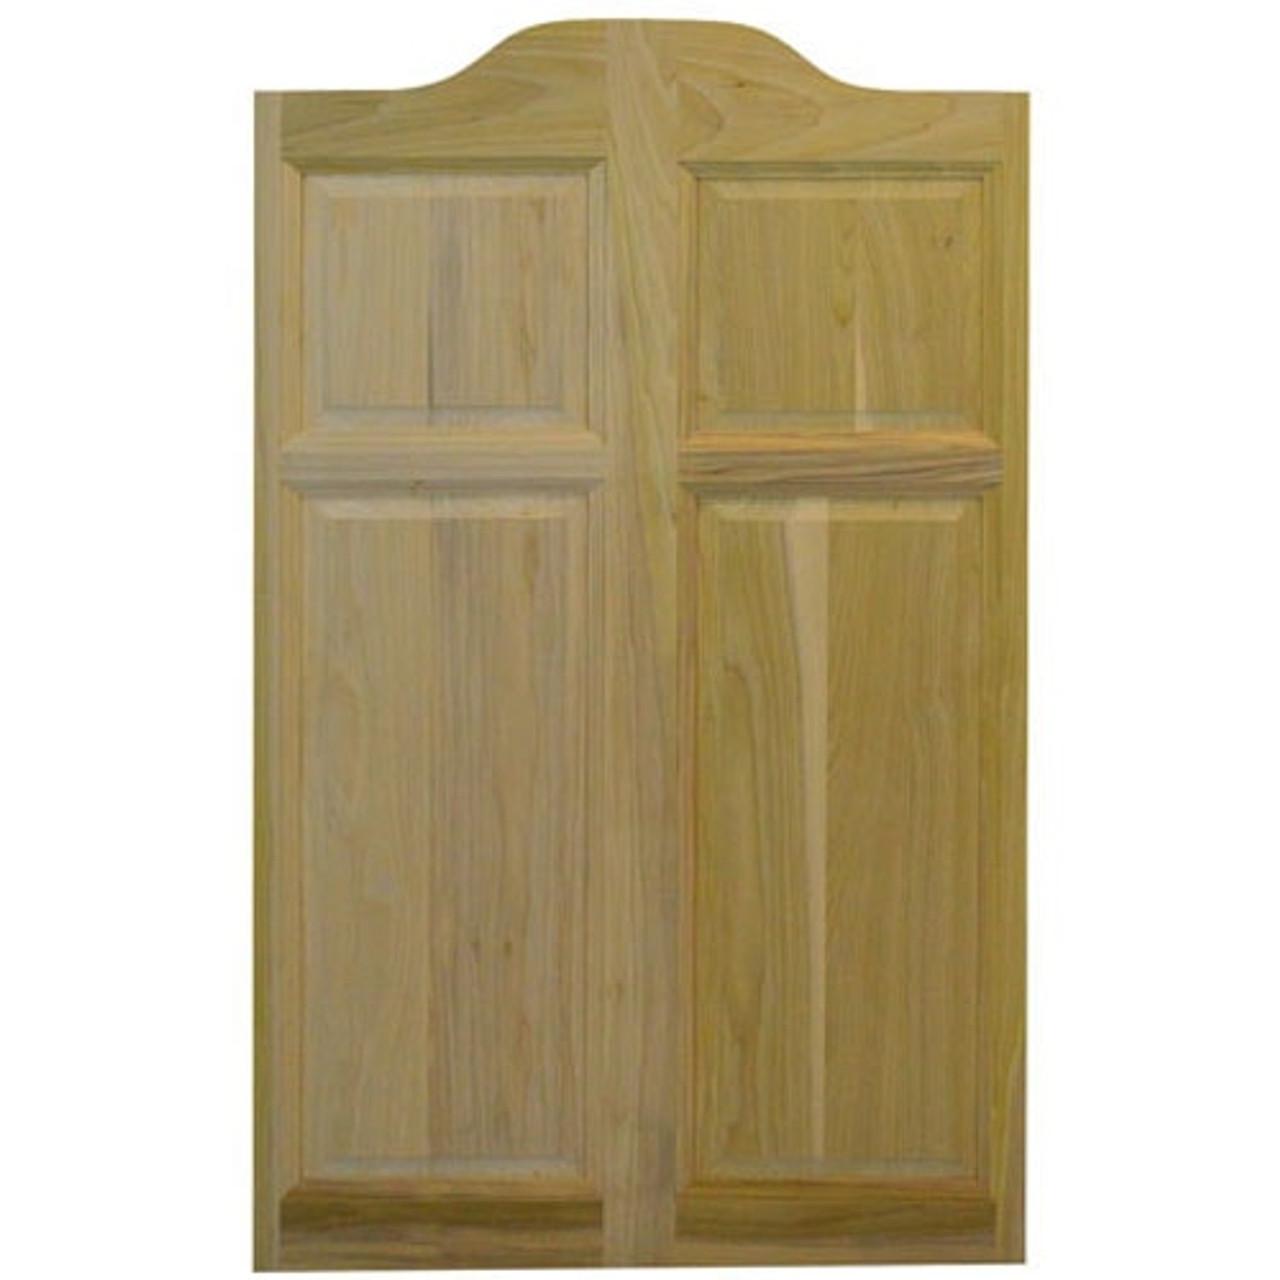 Single Center Arch Cafe Door | Saloon Door